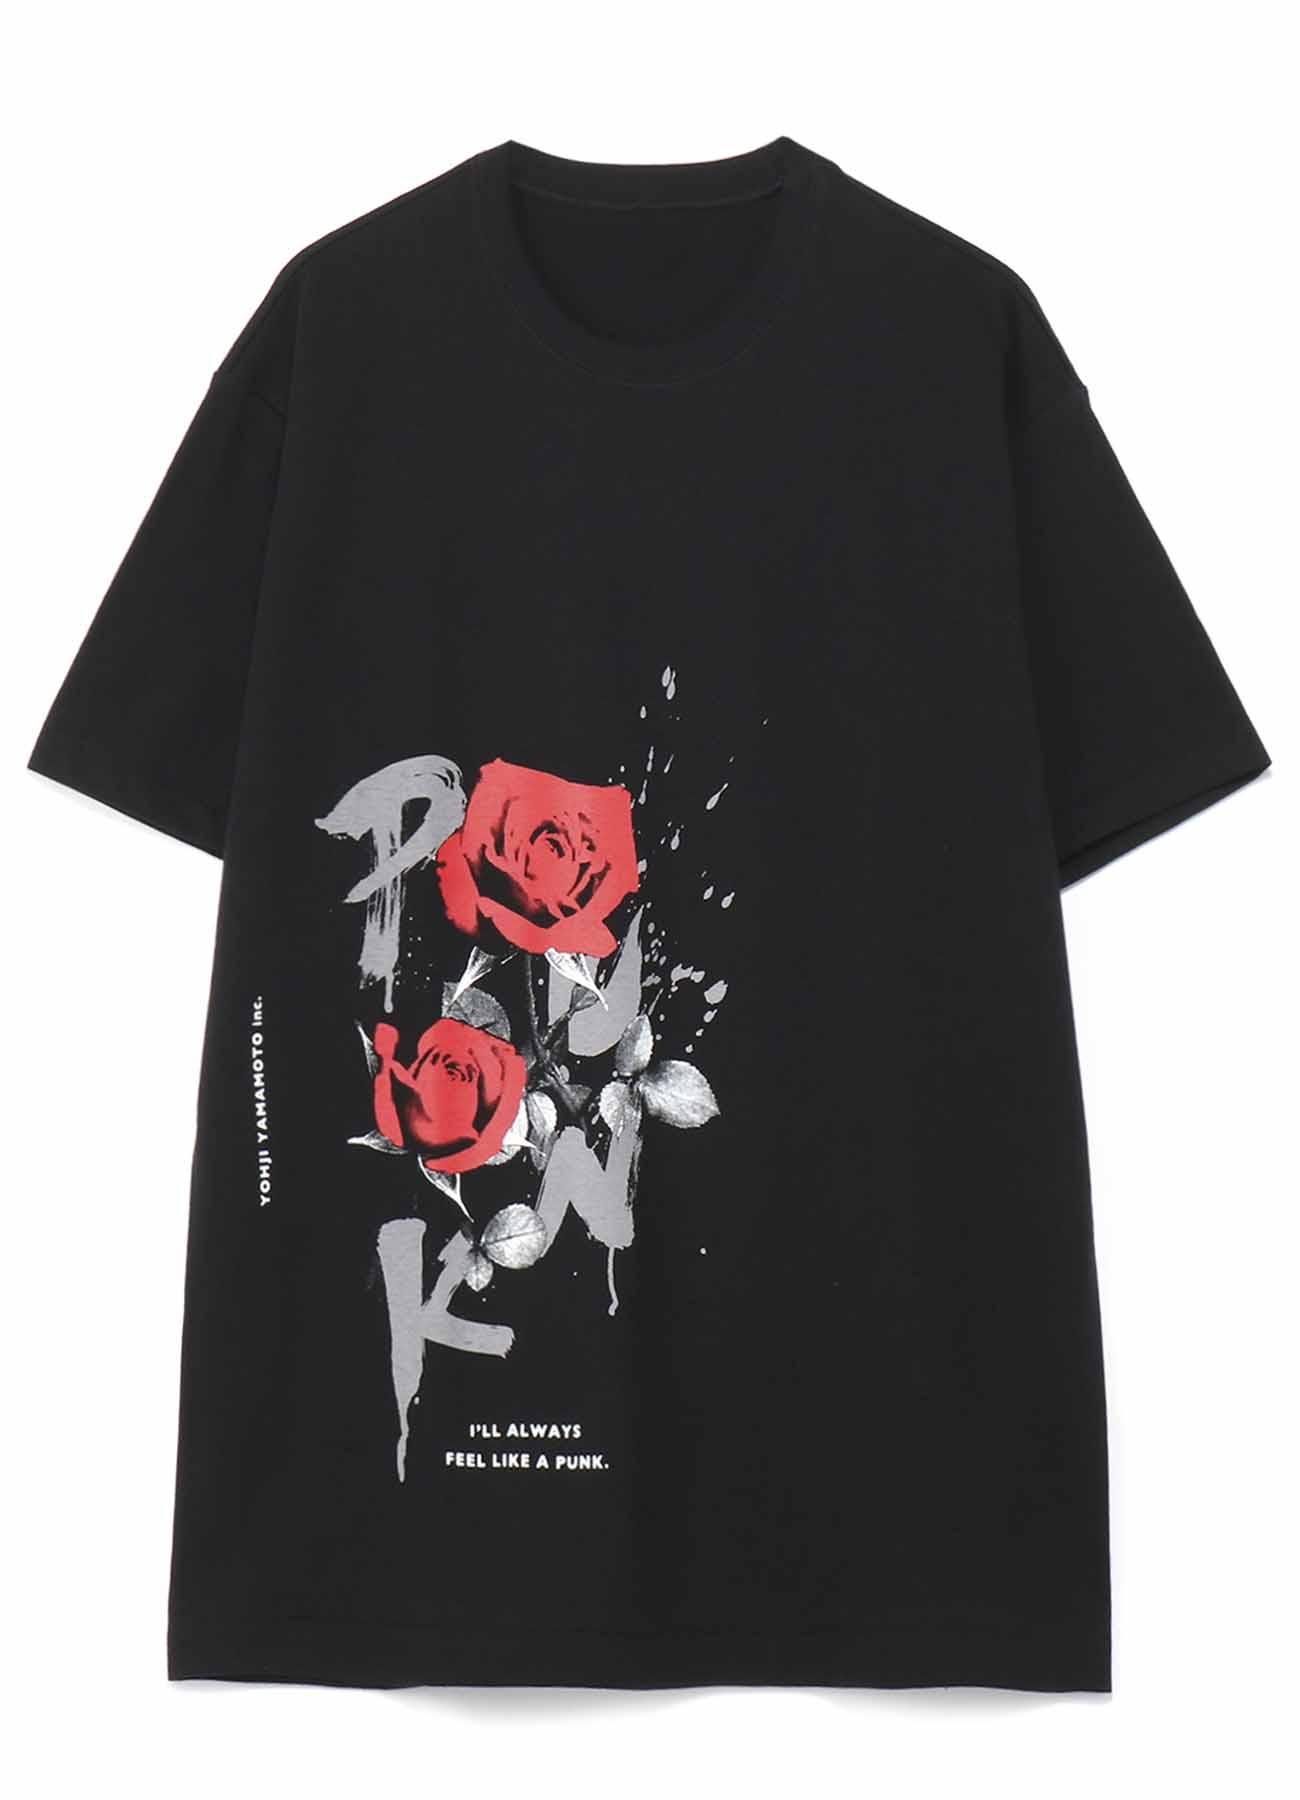 20/CottonJersey Feel Like A Punk T-Shirt